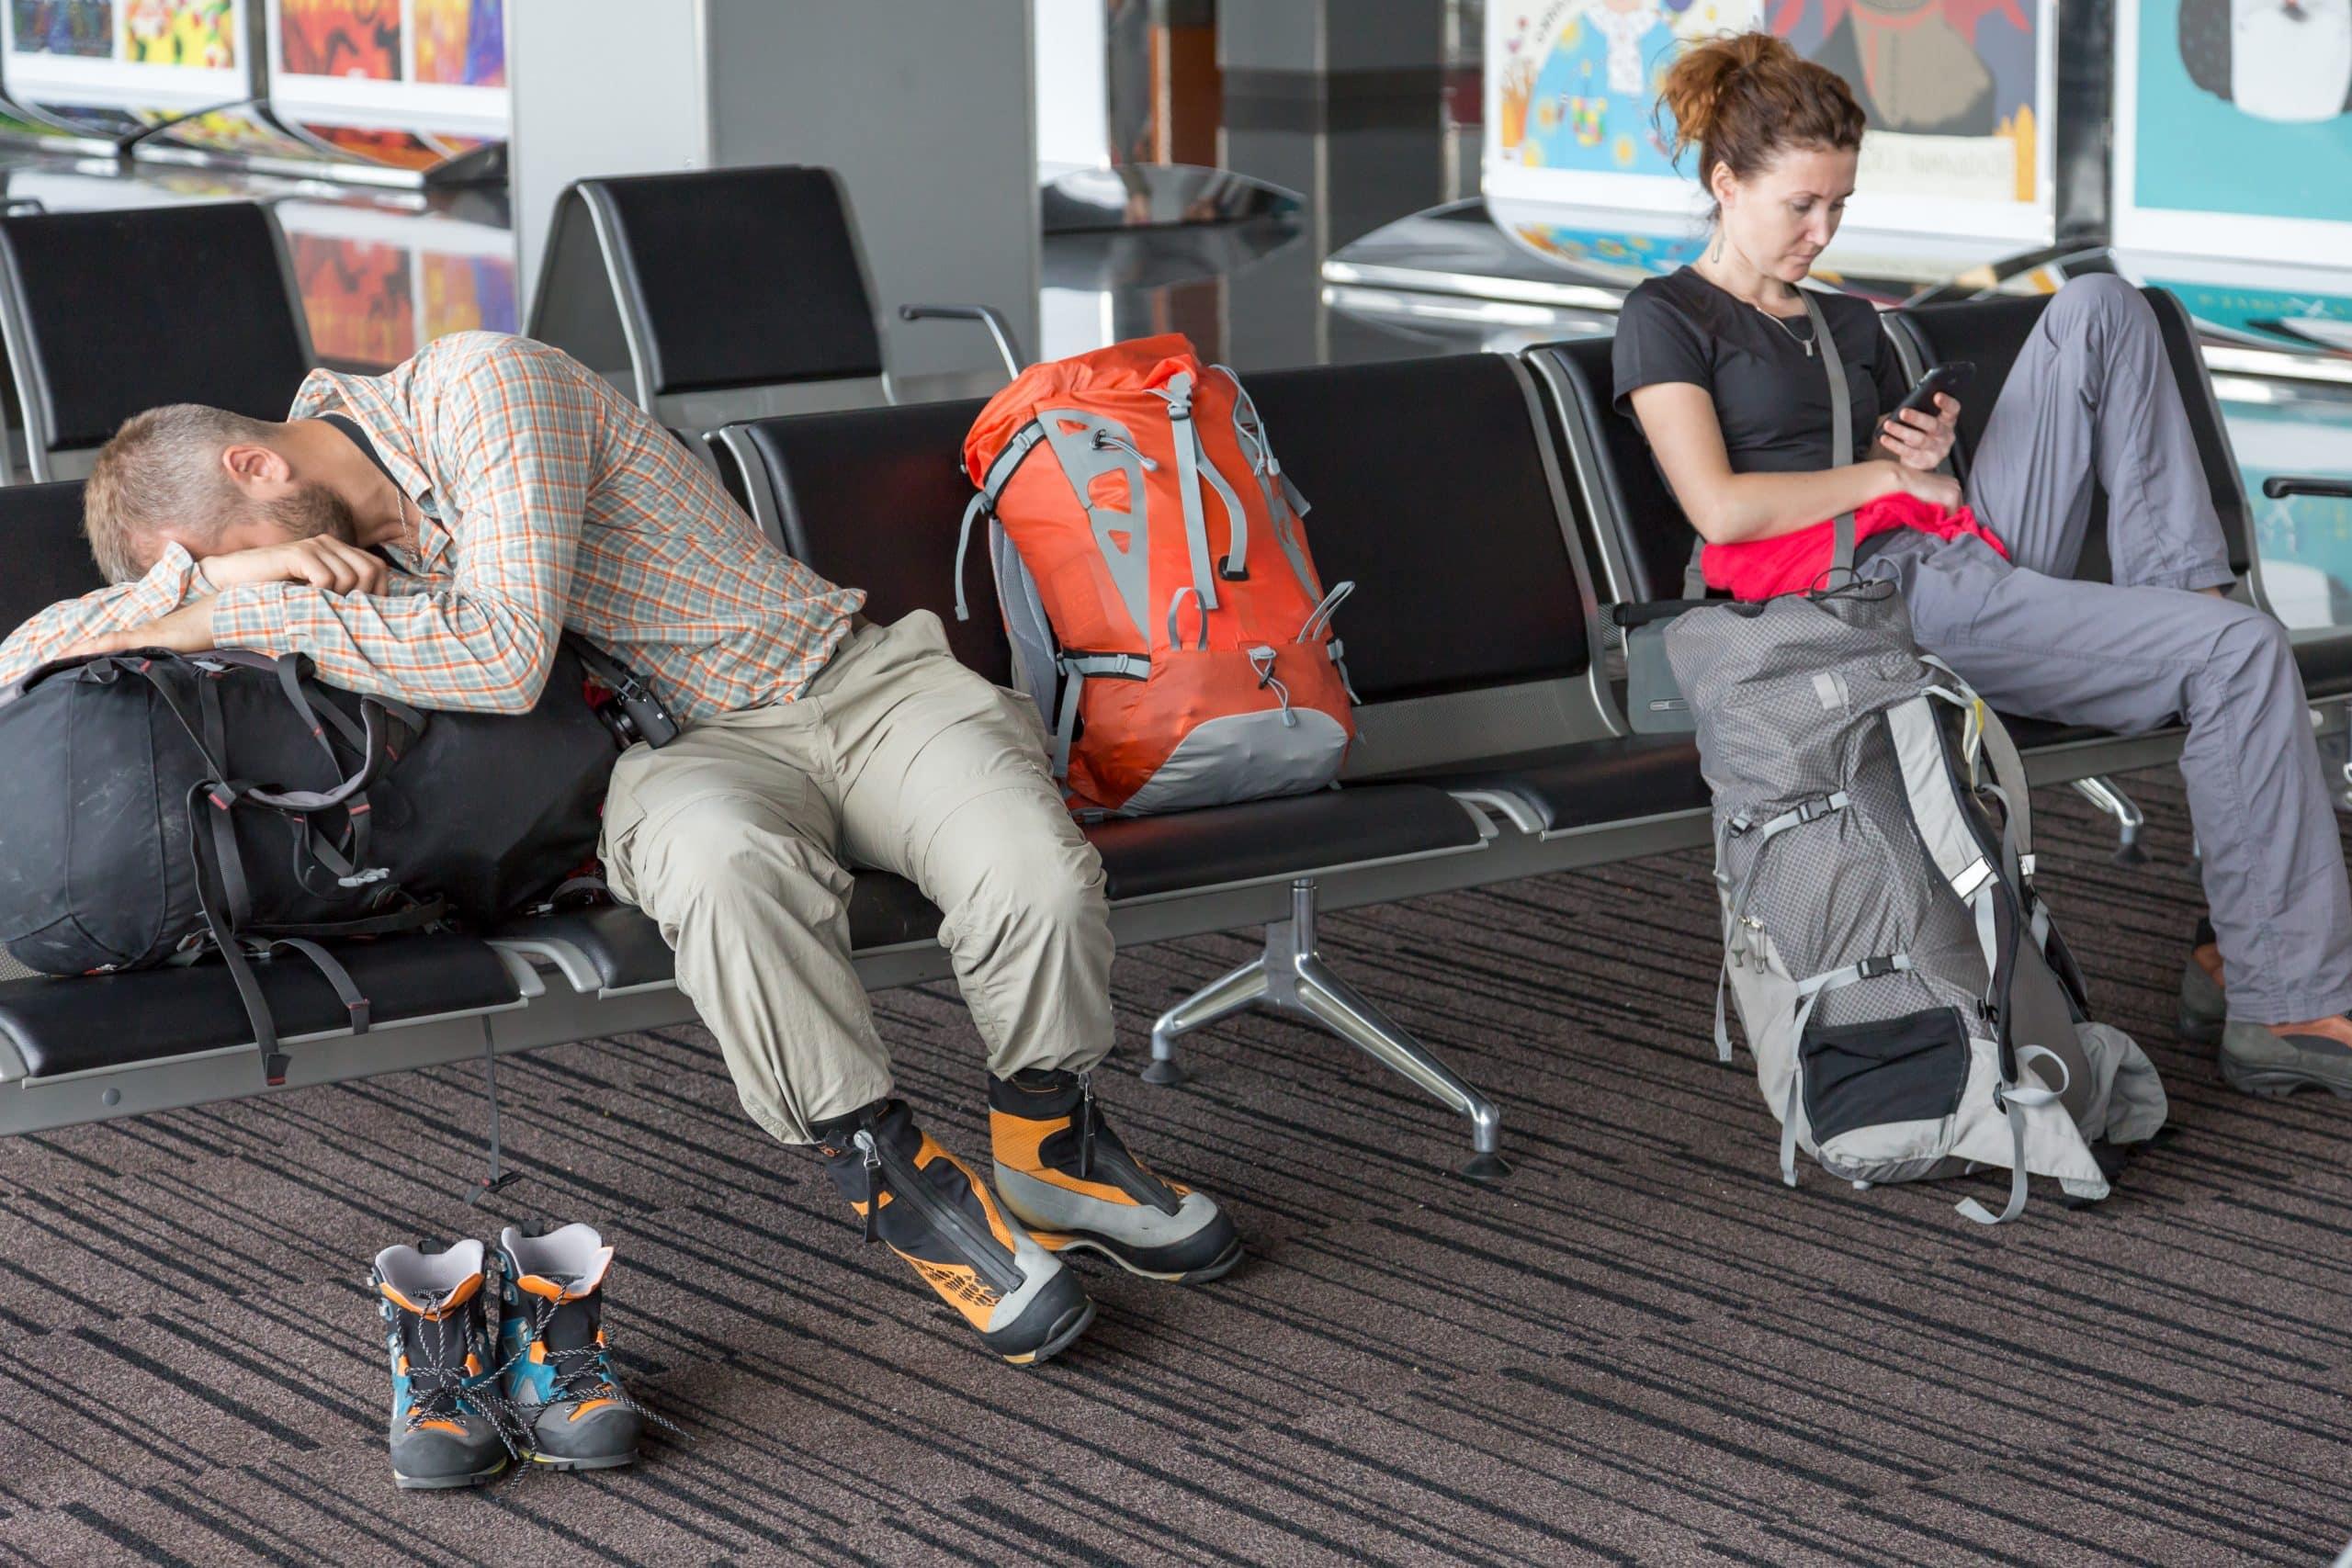 המתנה בשדה התעופה ביטוח נסיעות